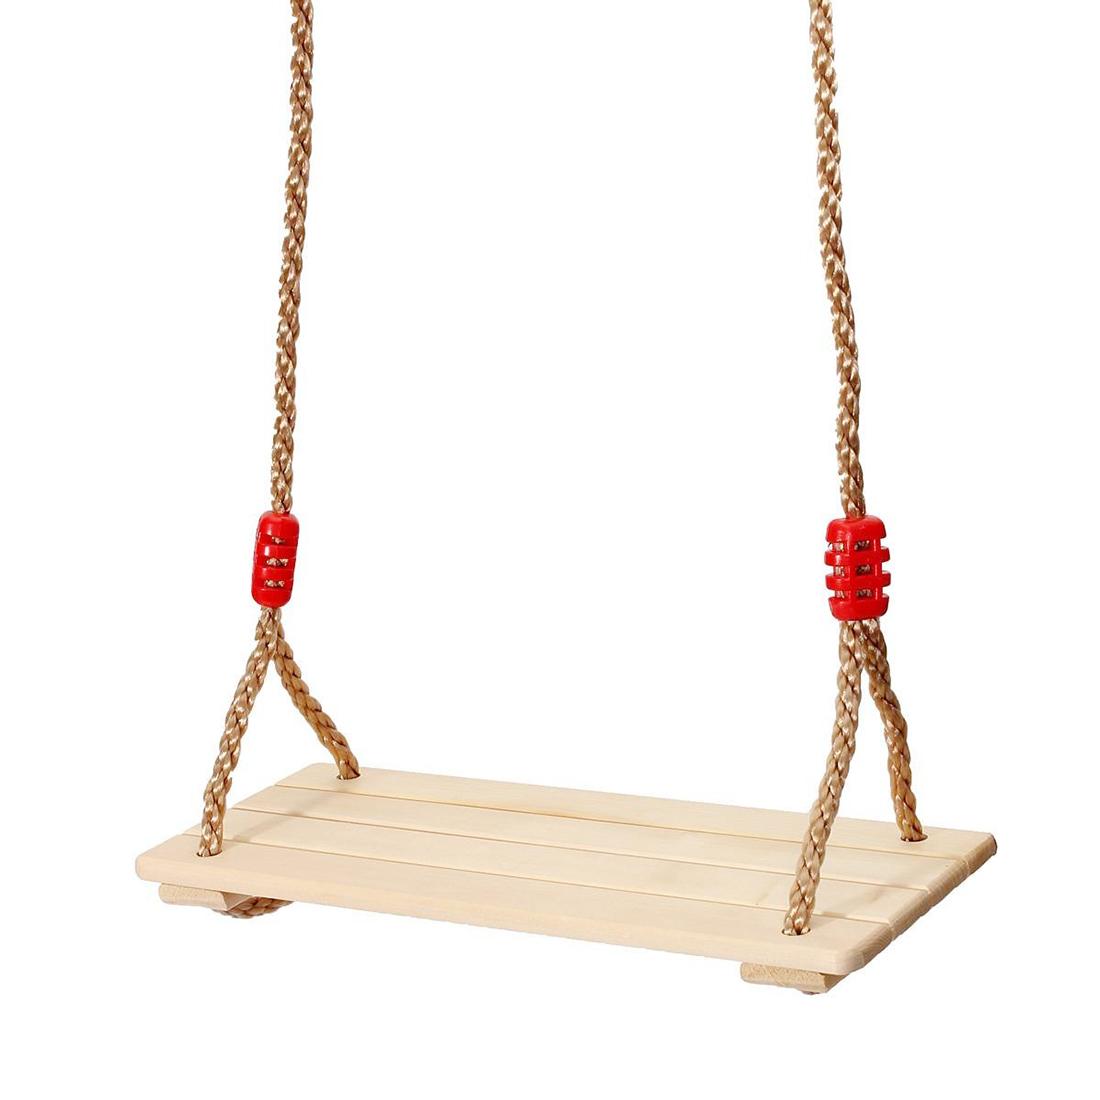 Full Size of Schaukel Metall Erwachsene Und Holz Mit Seil Spielzeug Garten Schaukelstuhl Regal Weiß Bett Regale Für Wohnzimmer Schaukel Metall Erwachsene